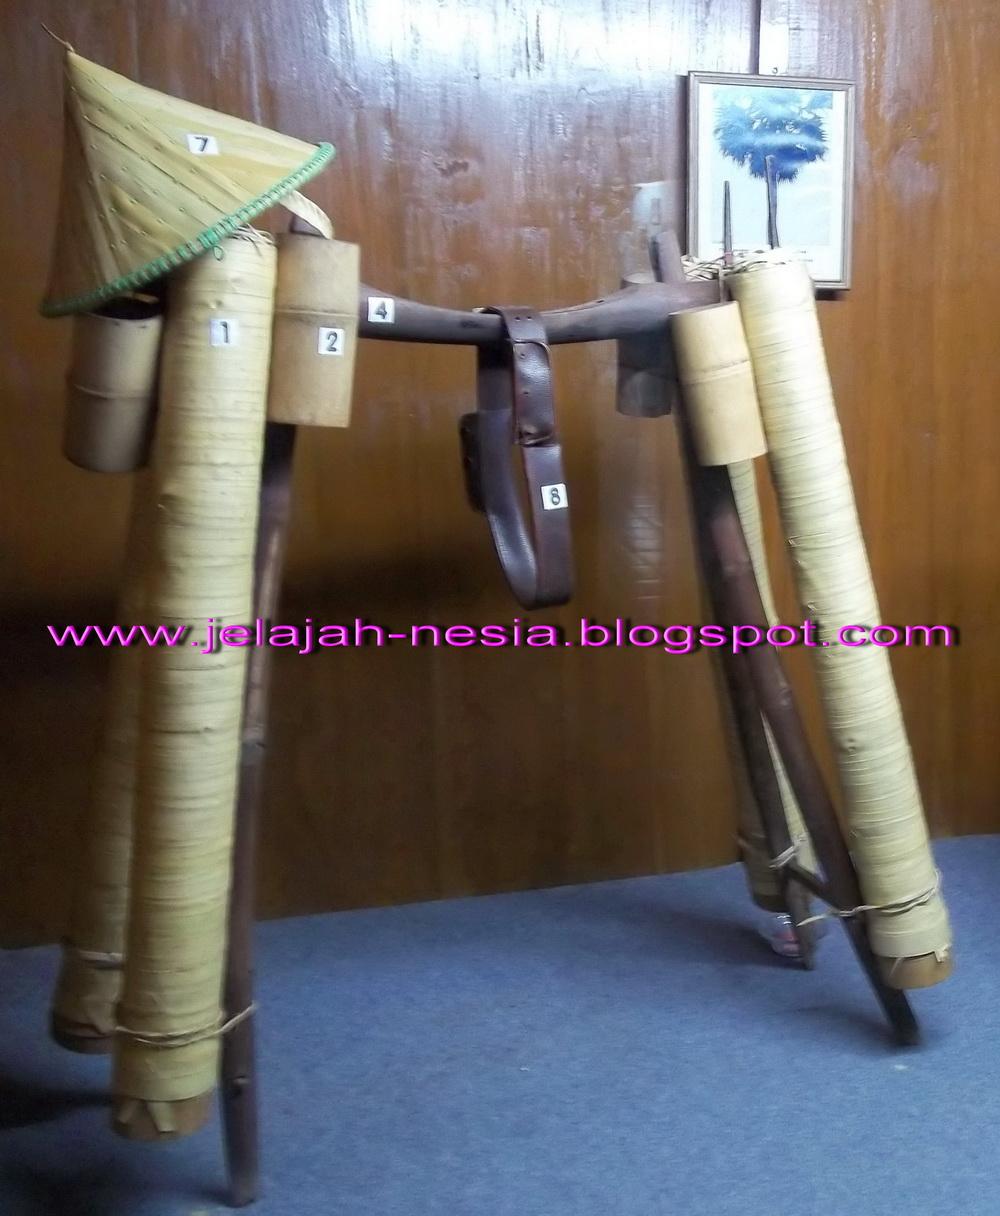 Www Jelajah Nesia Blogspot Ongkek Langka Museum Kambang Putih Kab